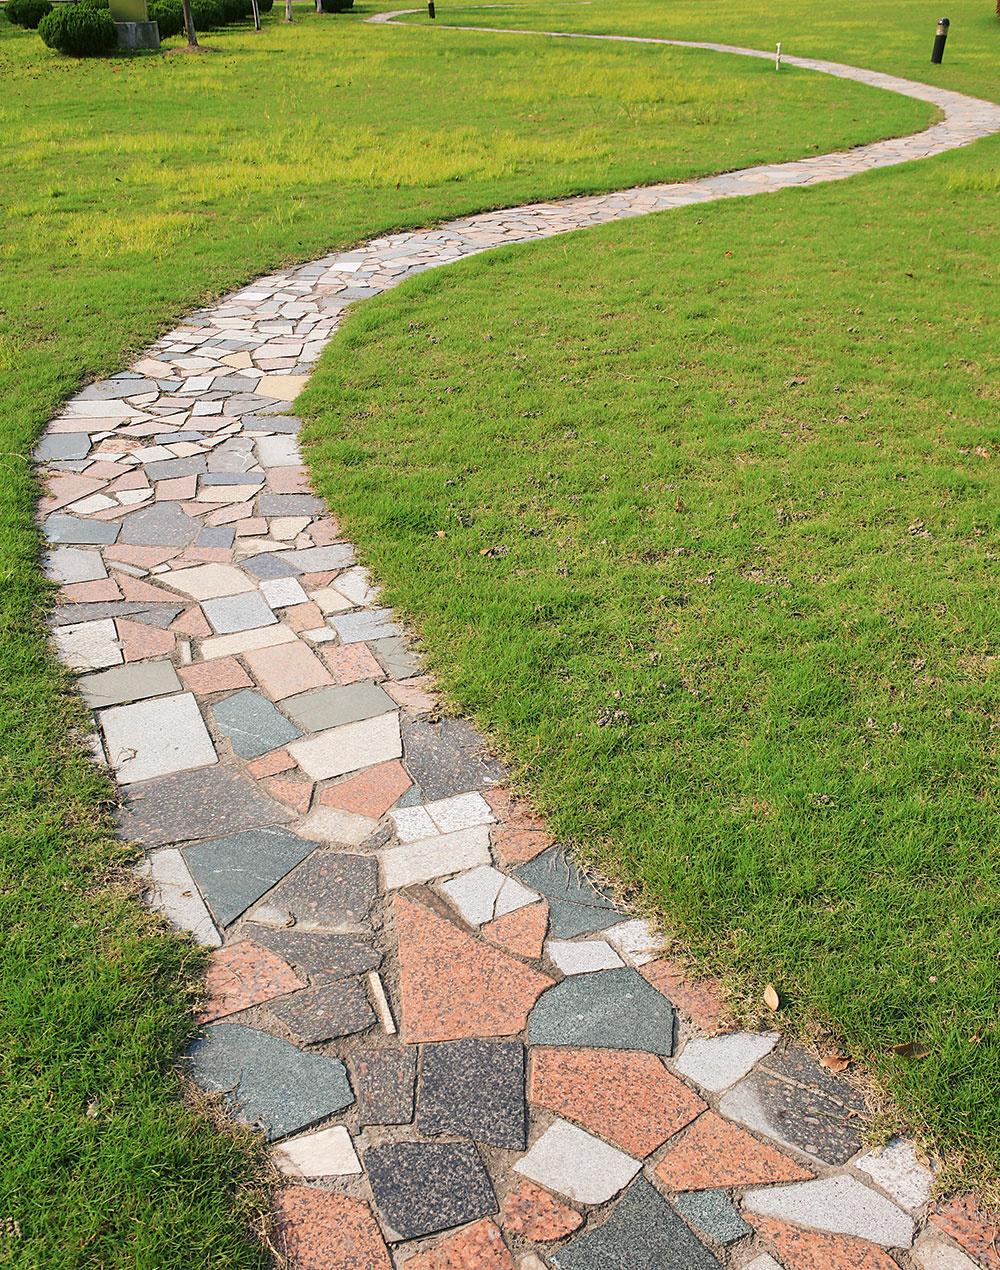 Farebná mozaika. Ak vám zostali rôzne kúsky exteriérovej dlažby, môžete znich vytvoriť originálny chodníček. Naštiepaním alepením dosiahnete akýkoľvek tvar či dokonca obrazec.